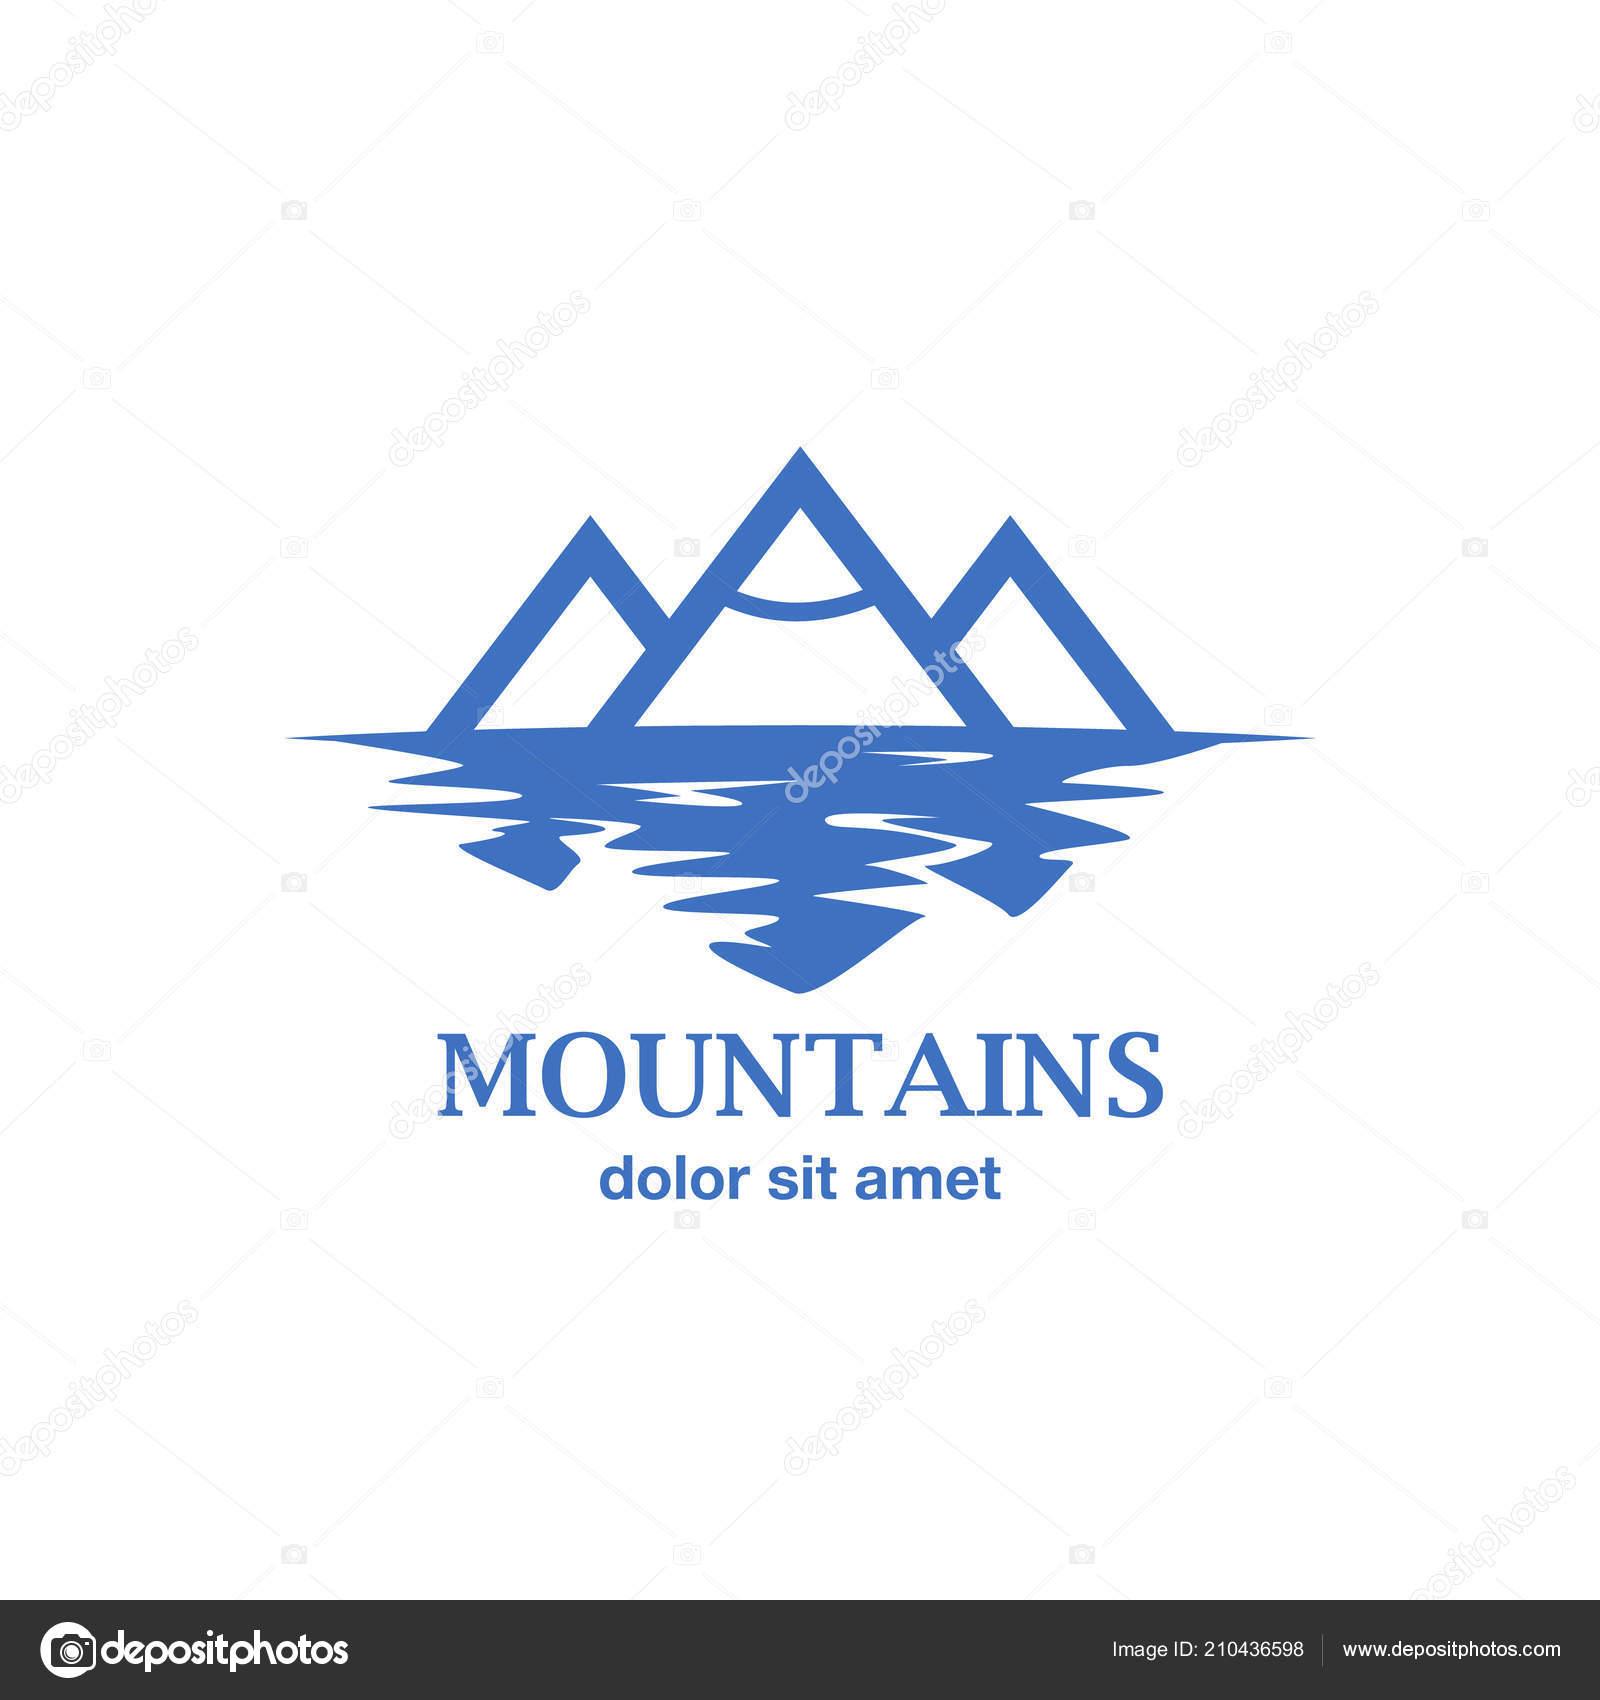 Abstrait Bleu Des Montagnes Avec Le Reflet Dans Lac Idee De Logo Pour La Carte Visite Identite Marque Et Dentreprise Illustration